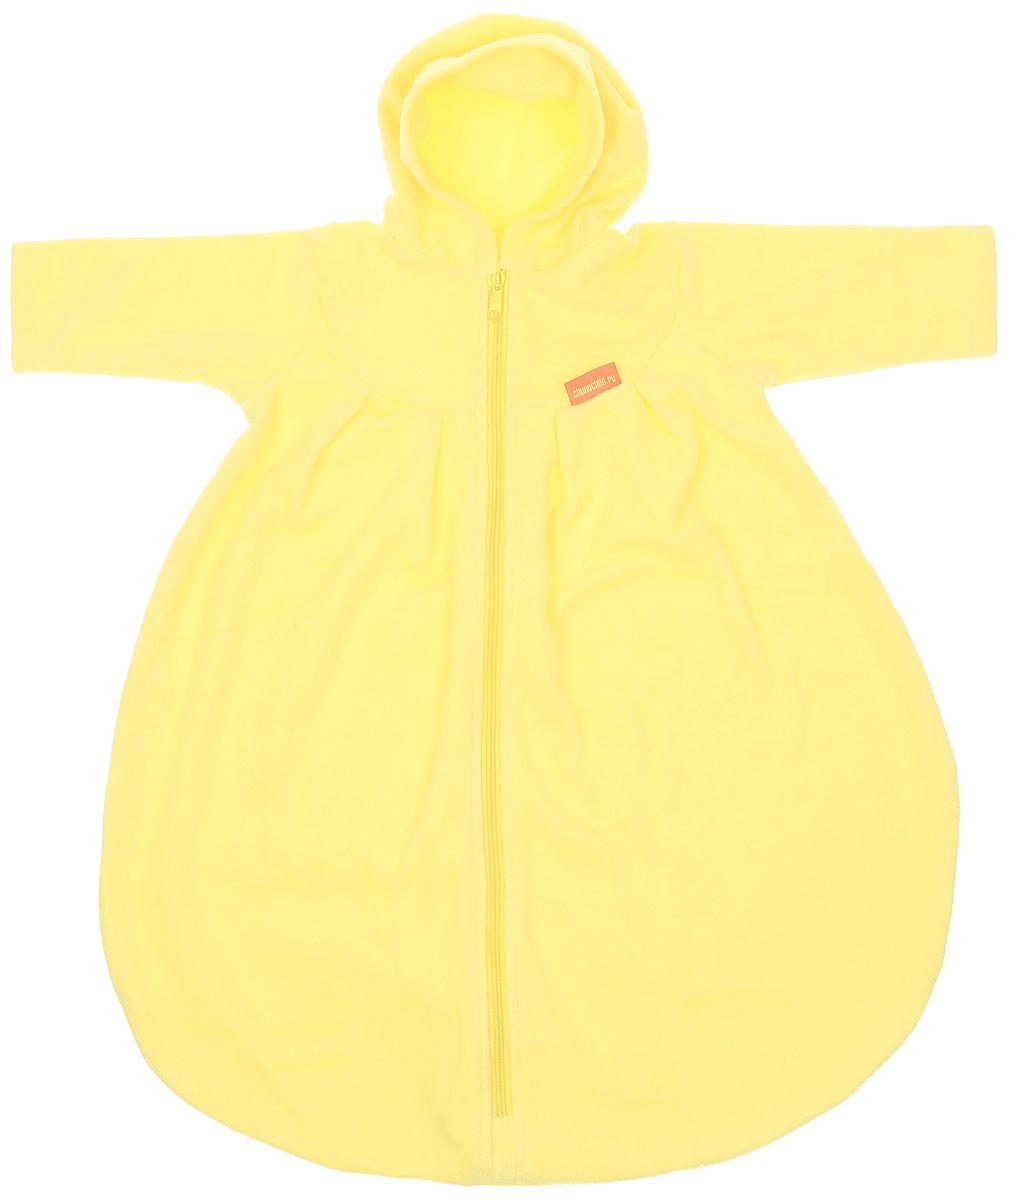 Конверт для новорожденного Чудо-Чадо БыстрОдежка Неваляшка, цвет: желтый. КРХ04-000. Размер 74КРХ04-000Детский конверт Чудо-Чадо БыстрОдежка Неваляшка станет отличным дополнением к гардеробу ребенка. Выполненный из мягкого хлопка, он очень приятный на ощупь, хорошо сохраняет тепло, впитывает лишнюю влагу, не вызывает аллергию и не раздражает кожу с повышенной чувствительностью. Свободная модель с капюшоном и длинными рукавами спереди застегивается на молнию и дополнительно снабжена внутренней планкой. Застежка-молния до самого низа делает процесс переодевания очень простым и быстрым. Изделие не сковывает свободу маленьких ножек и дает возможность малышу активно работать ручками - а это очень важно для развития. Модель имеет кокетку с милыми складочками. Конверт подойдет при выписке из роддома в теплое время года, а также может использоваться на прогулке, как самостоятельный конверт или дополнительный утепляющий слой к зимнему конверту, как спальный конвертик. В таком конверте ребенку будет тепло, уютно и комфортно!